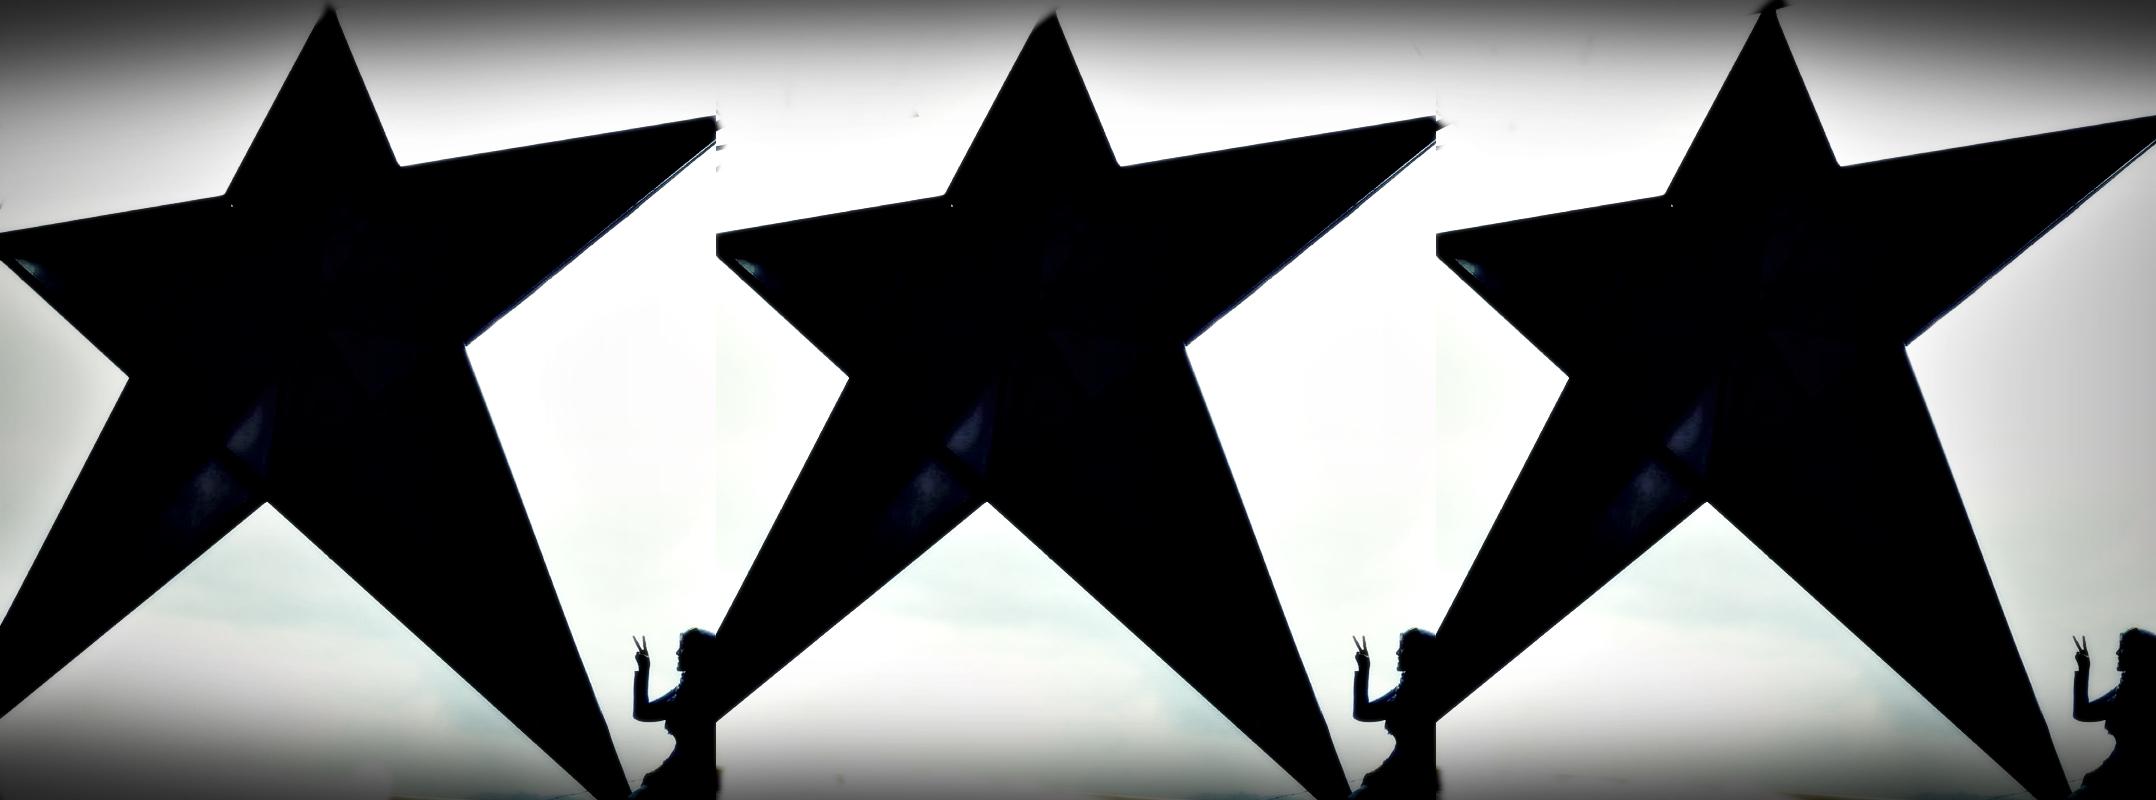 puncak bintang | bukit bintang | bukit moko